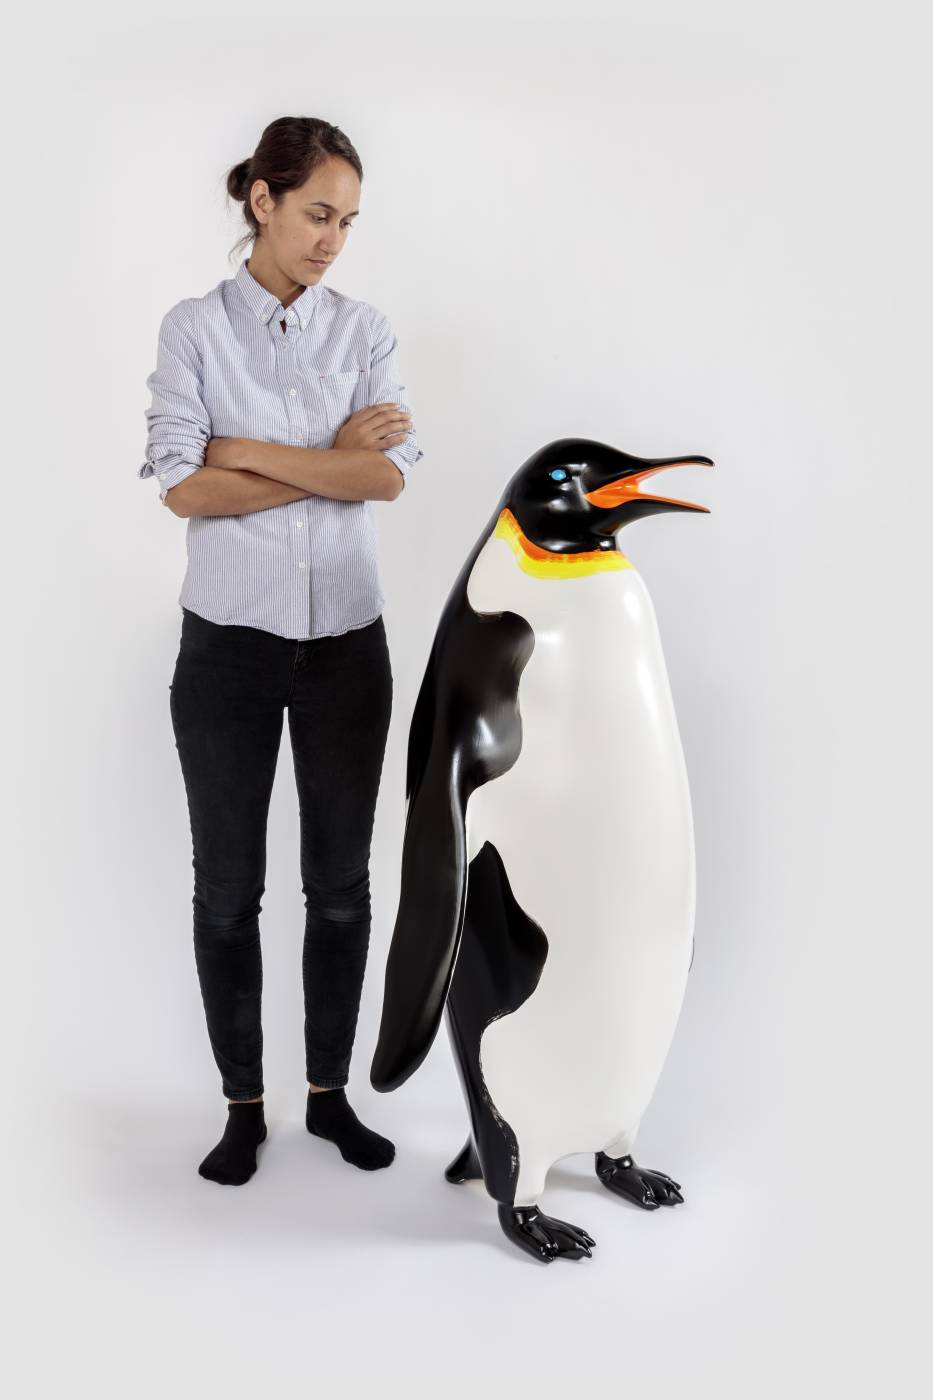 Penguin sculpture next to human